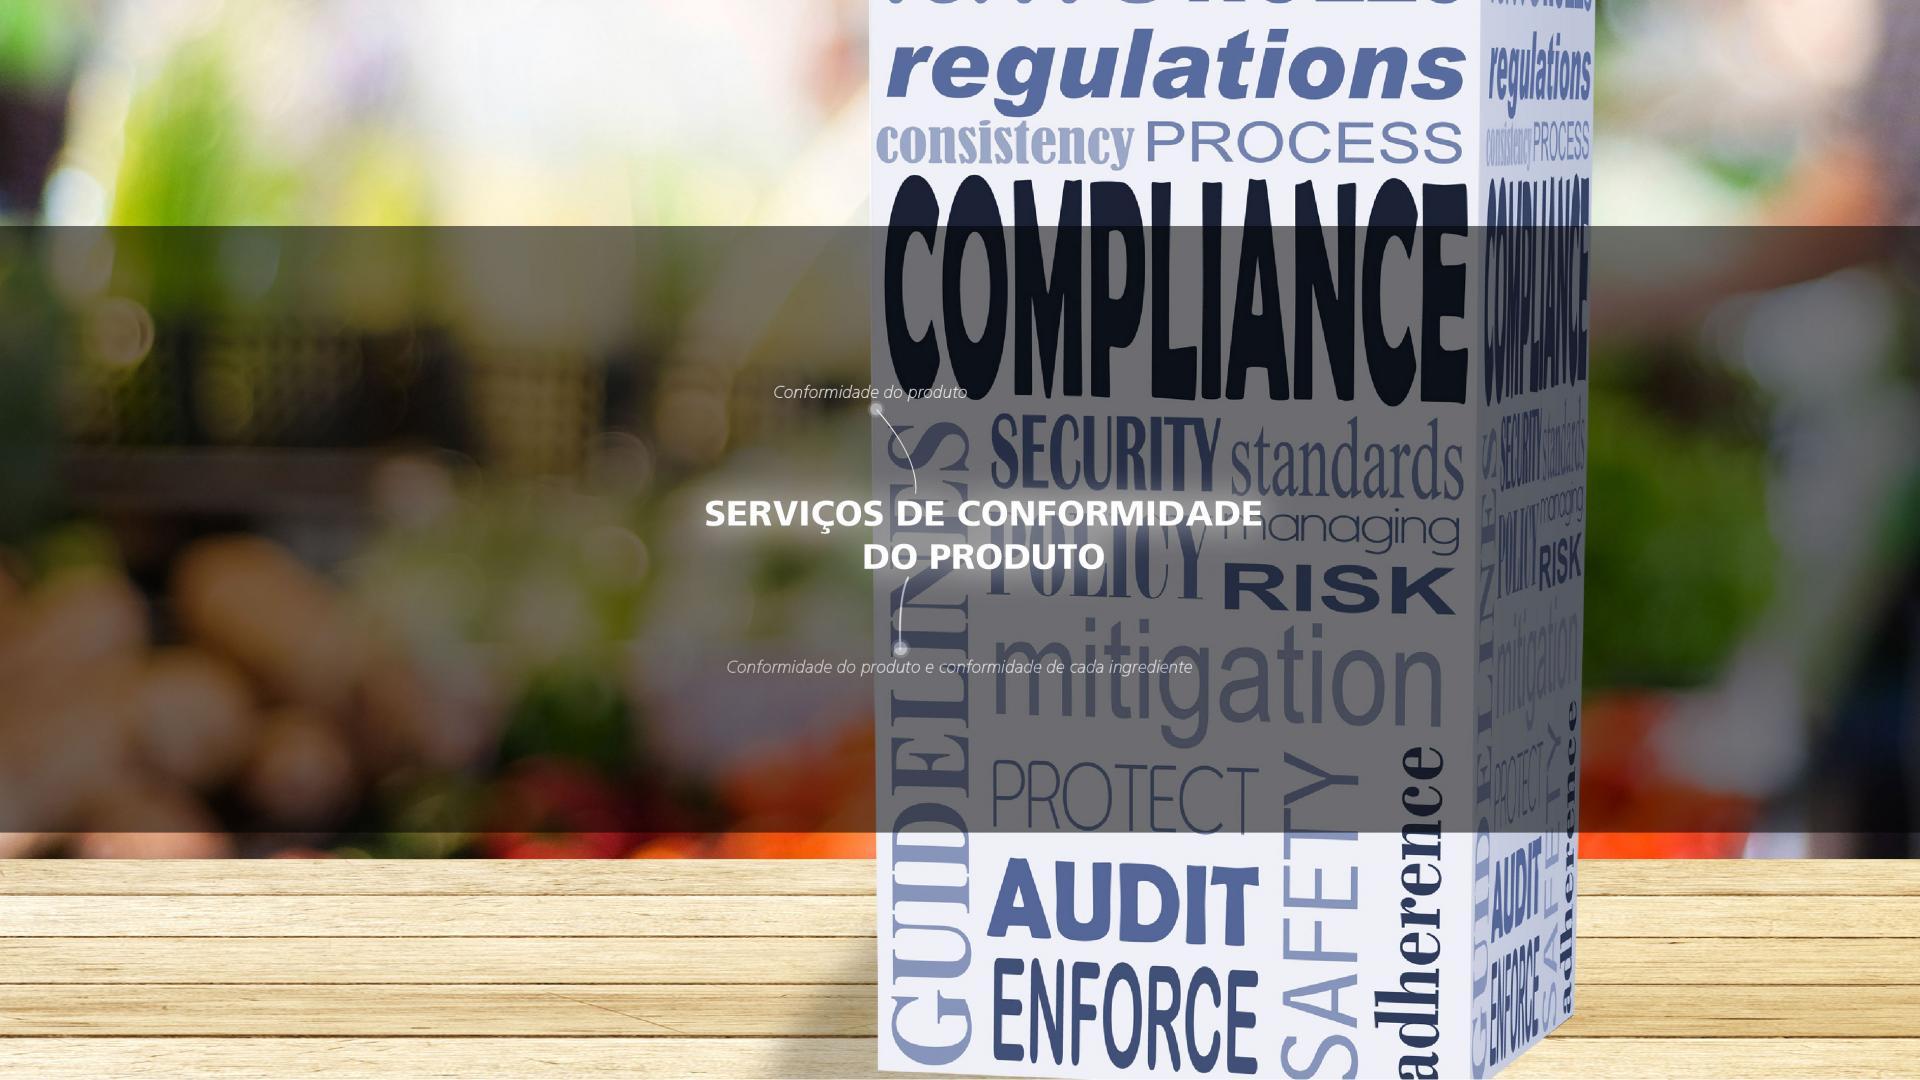 Mérieux NutriSciences - Labeling and regulatory - Conformidade do produto